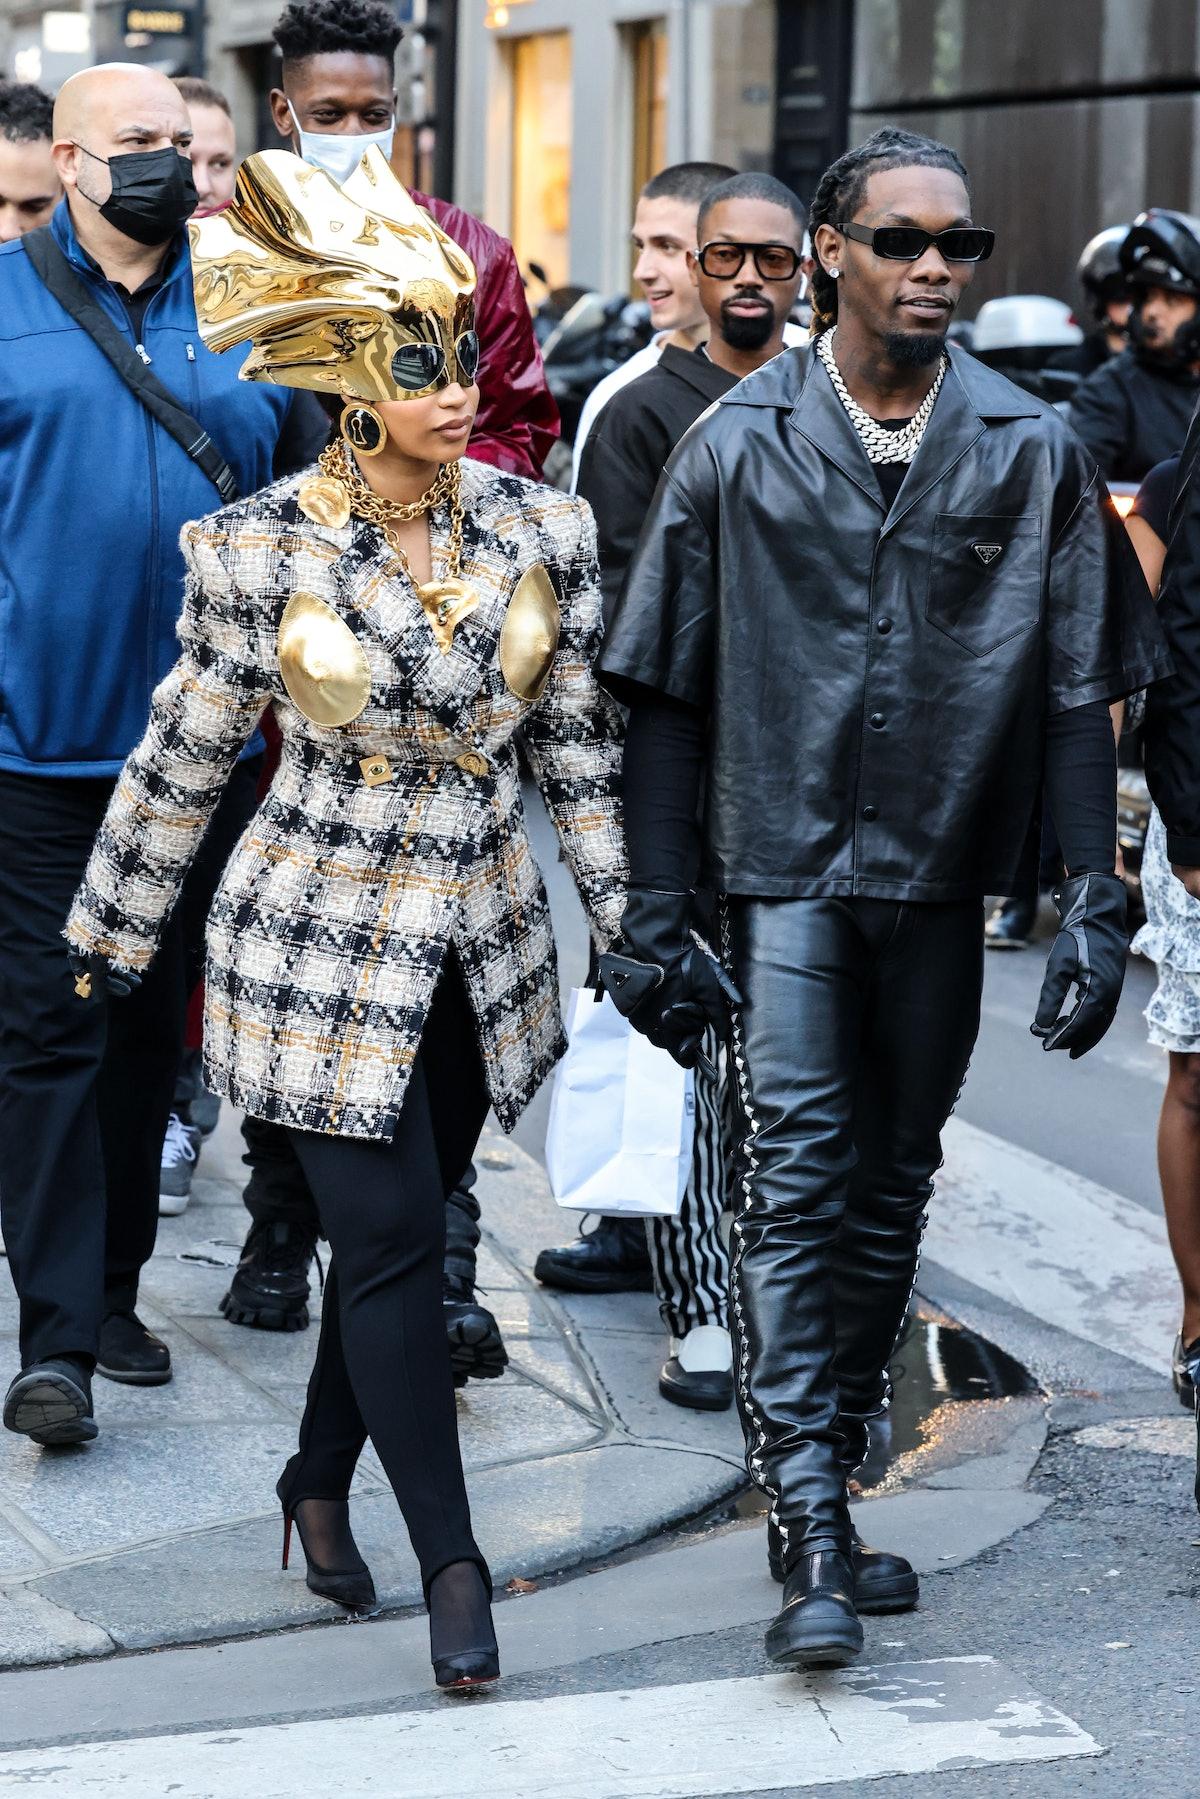 پاریس ، فرانسه - 29 سپتامبر: Cardi B و Offset در حال قدم زدن از یک فروشگاه Chanel به یک فروشگاه Dior دیده می شوند ...